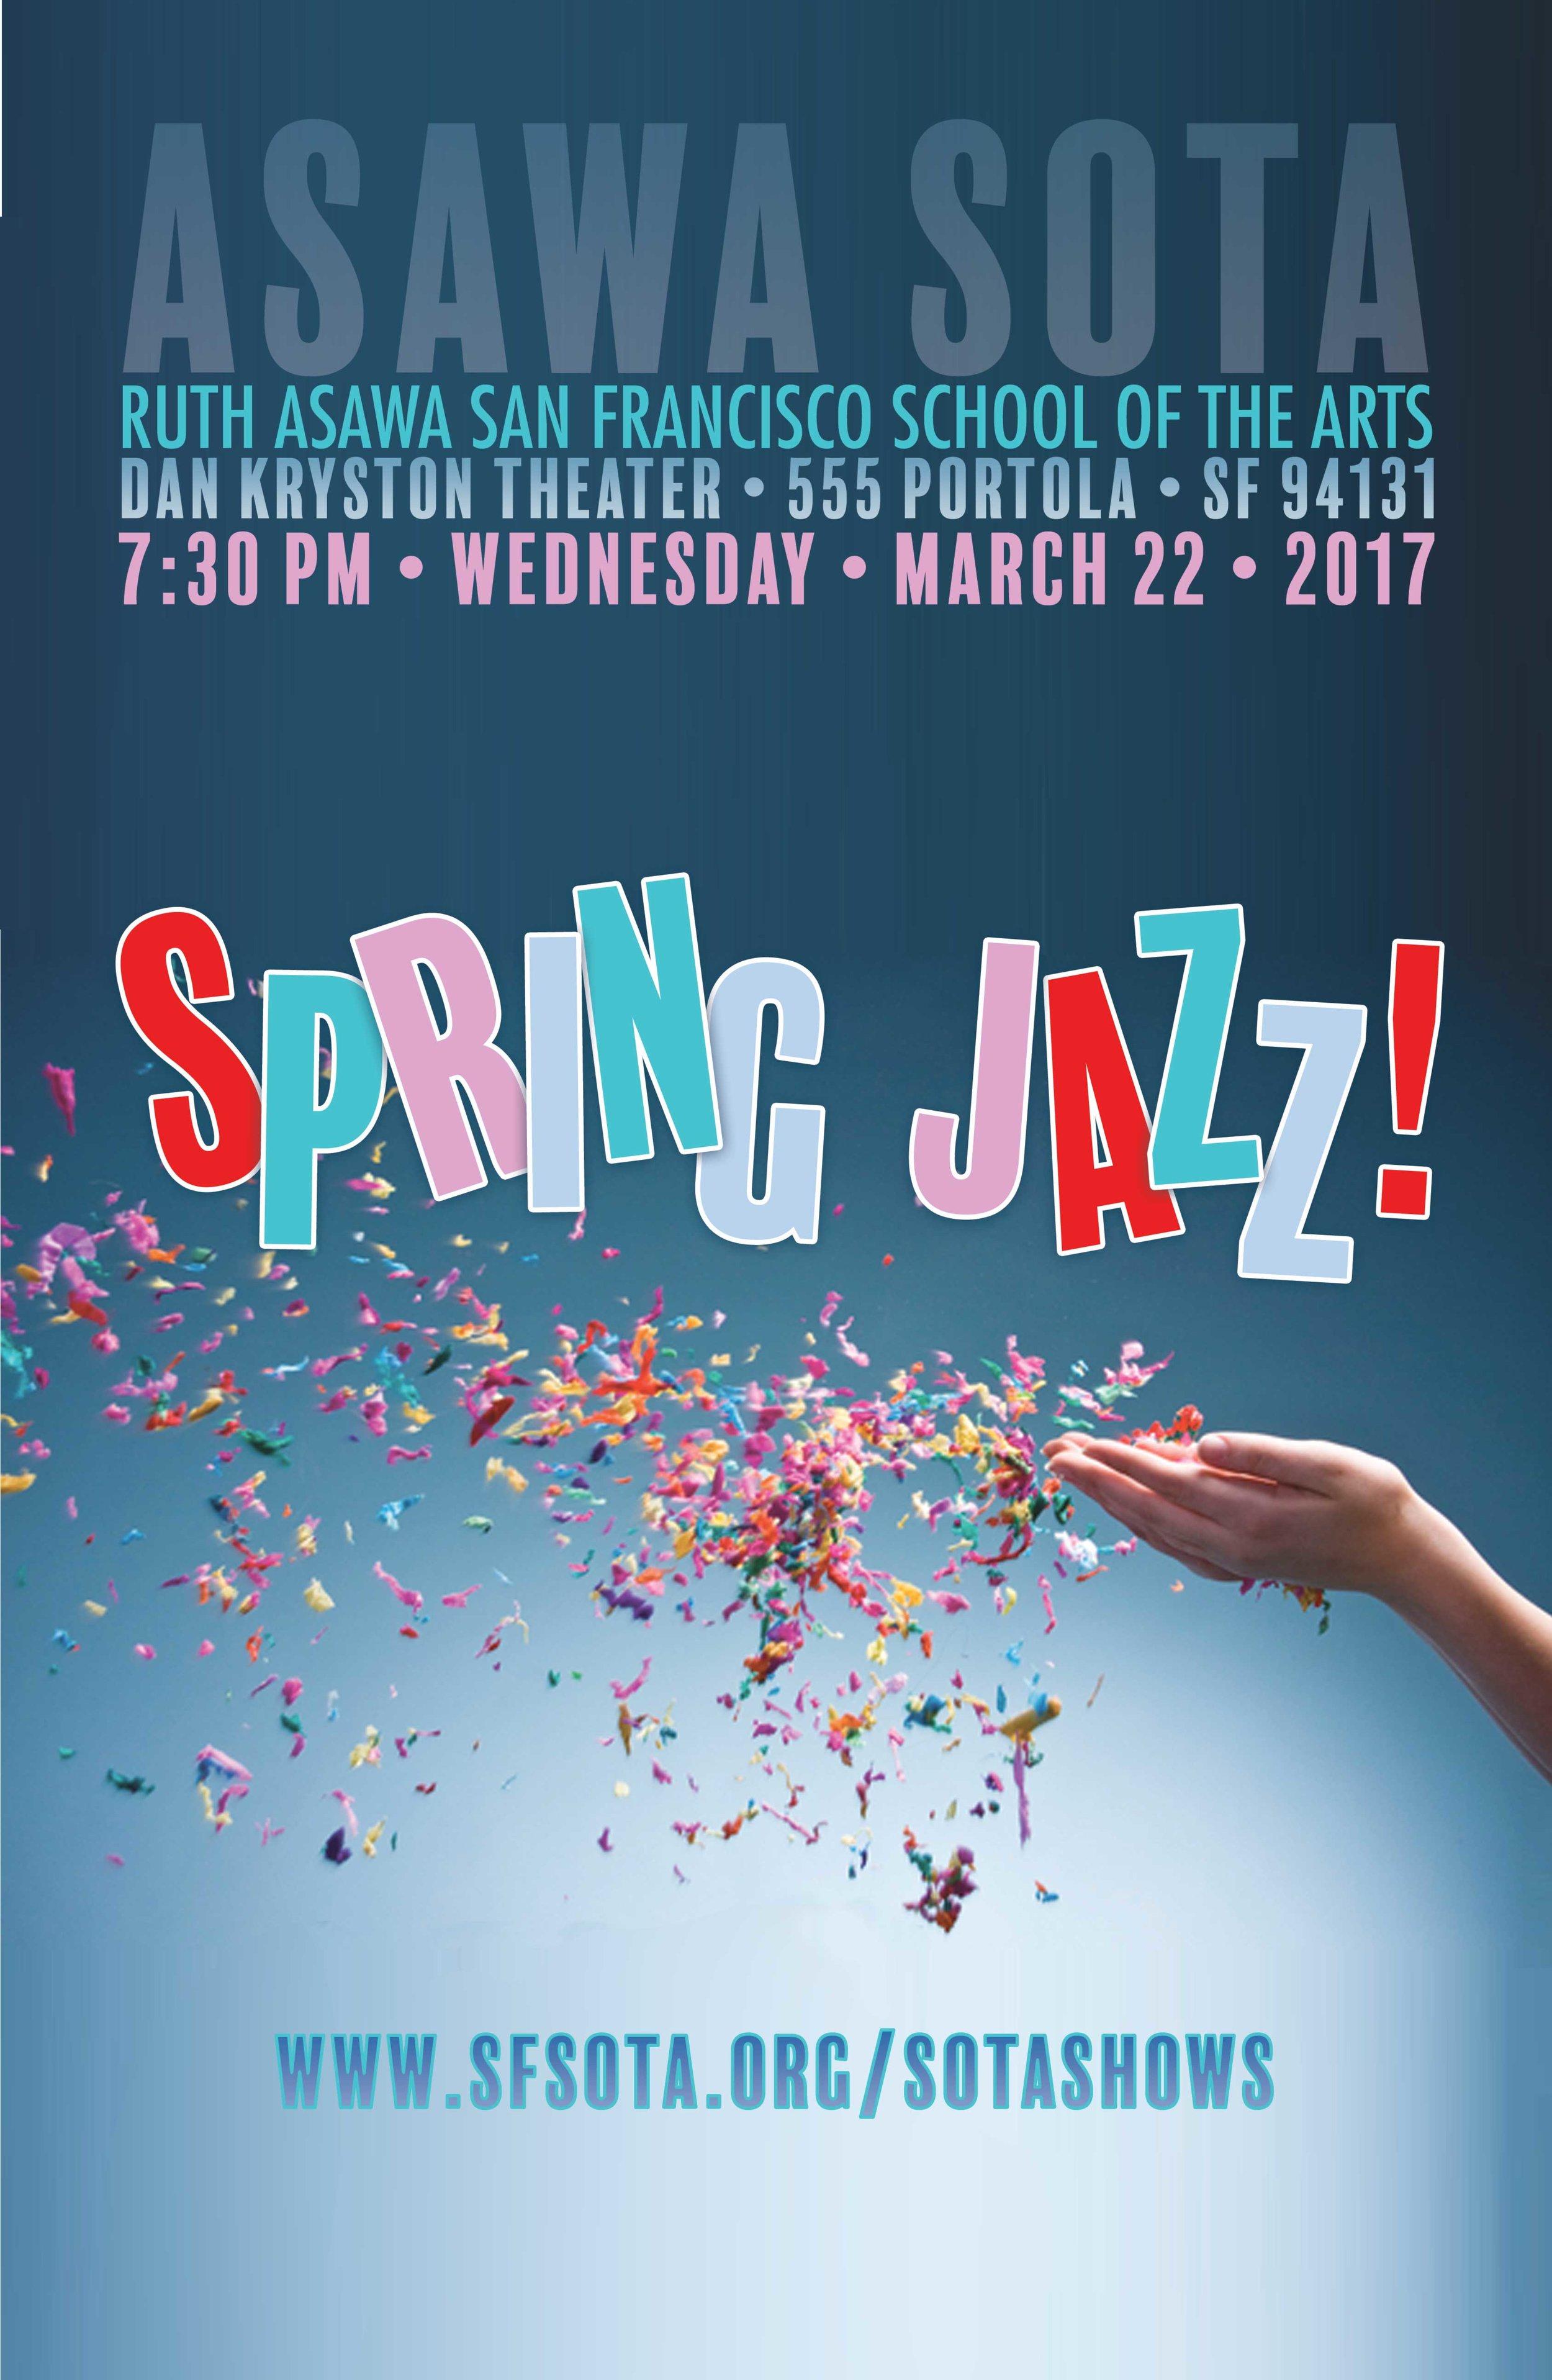 sota-spring-jazz-2017